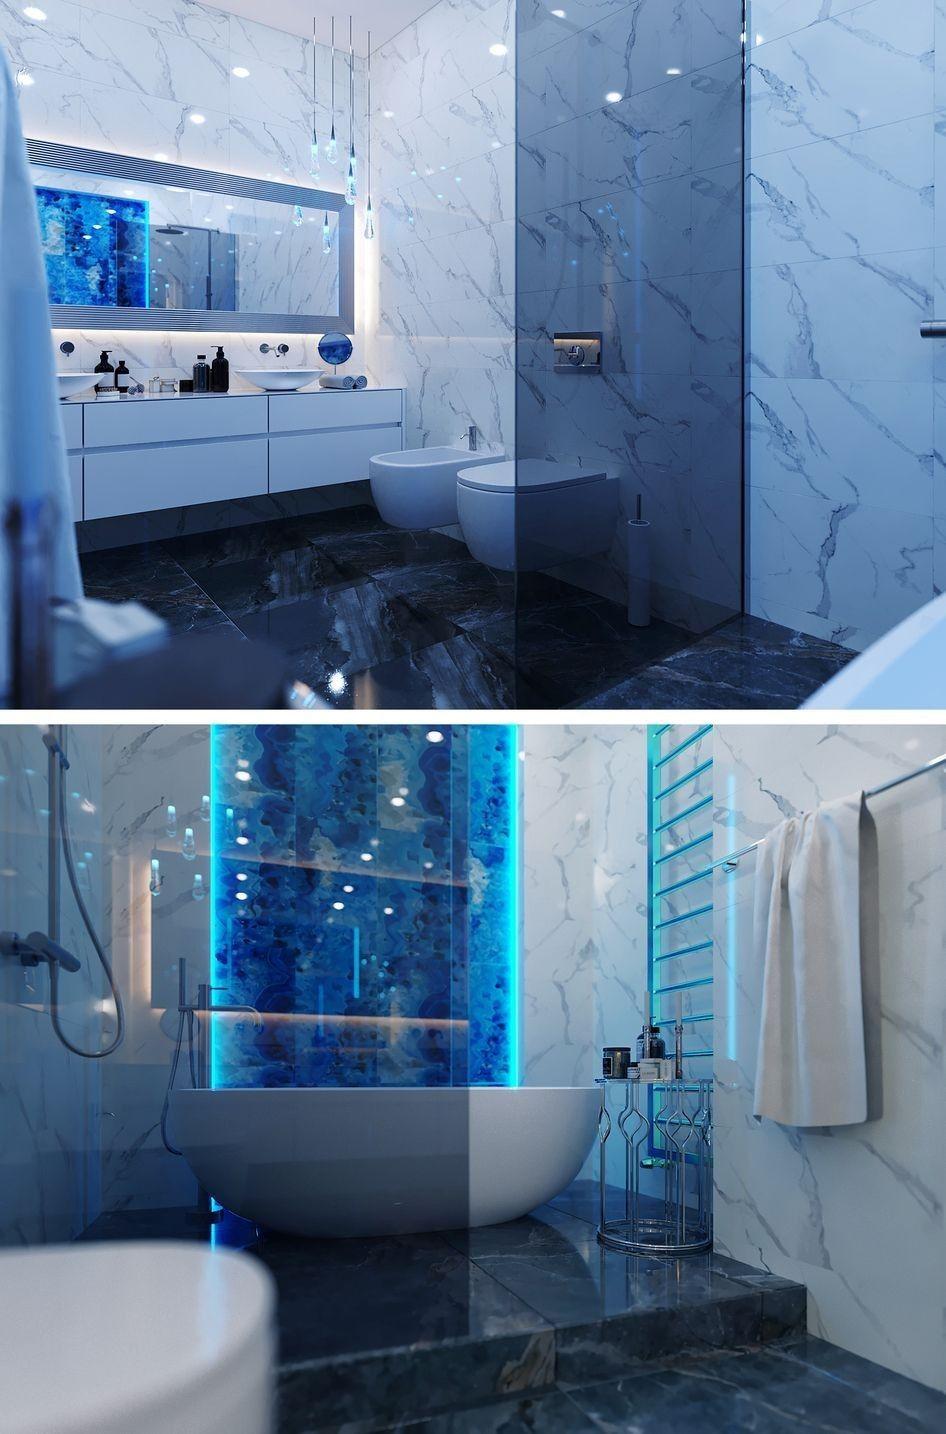 نفض ترميم حمامات في لبنان تغير ديكور حمام داخلي كافة انواع الحمامات للتواصل الاتصال بالرقم 0096171170181تعهدات ديكورات شركة تنفيذ ديكورات Bathroom Home Bathtub